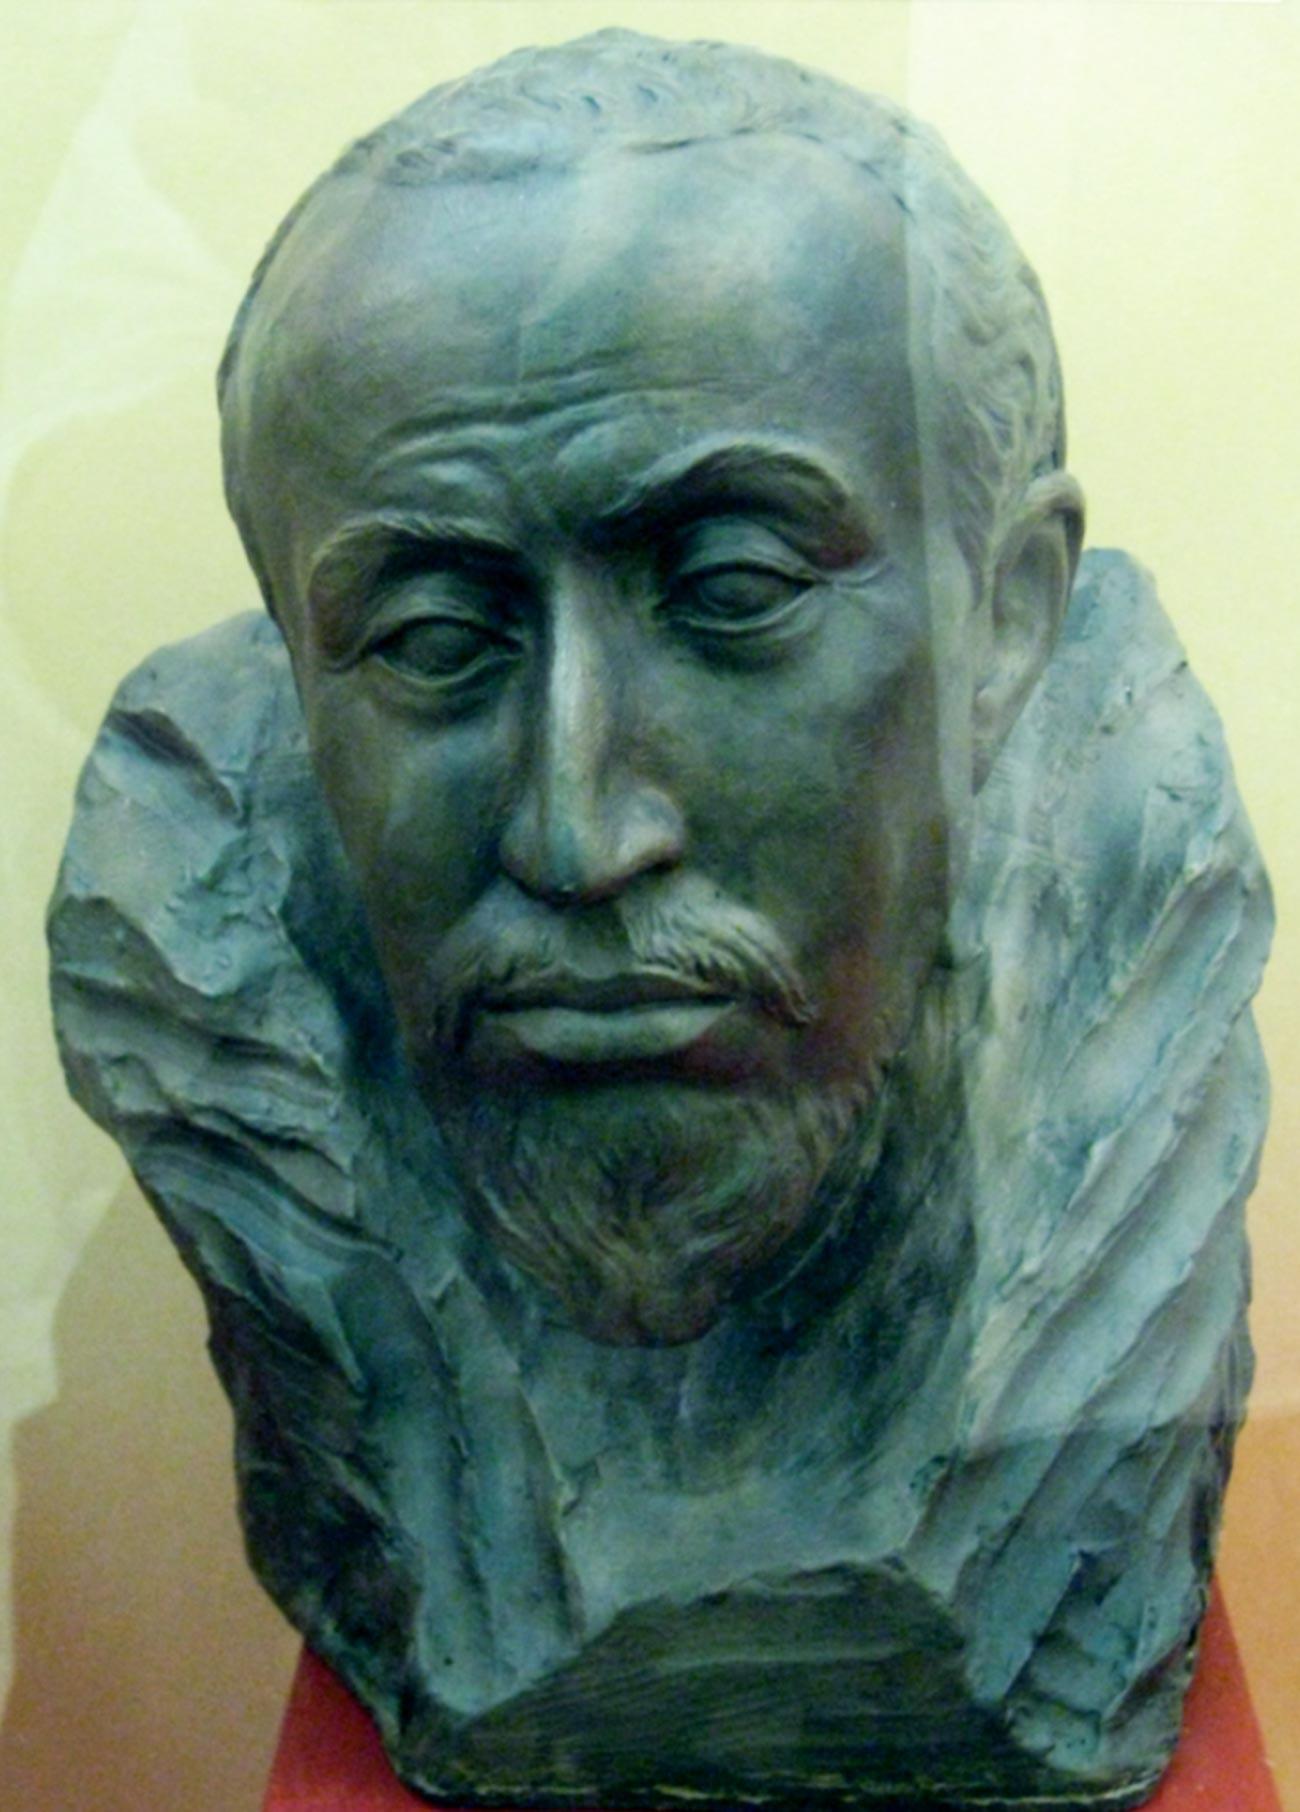 Ricostruzione facciale forense dello zar Feodor Ioannovich. Realizzato da M. Gerasimov, 1963